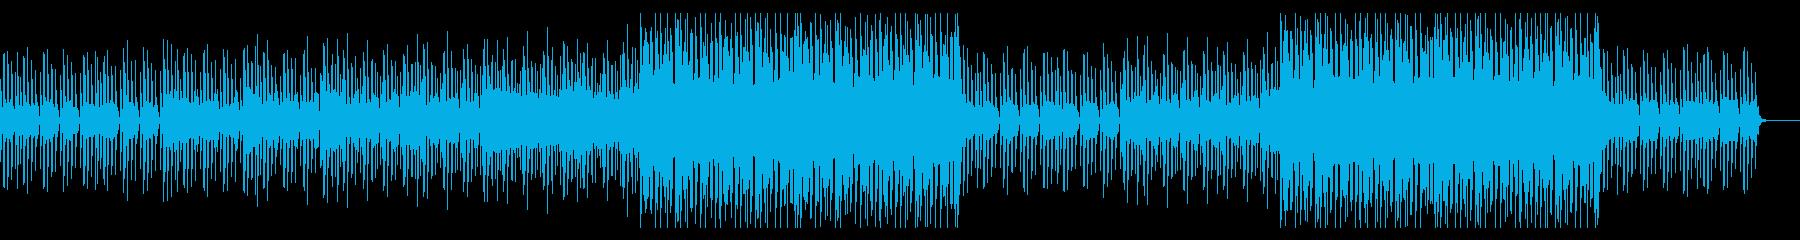 ナレーションに合うクールなハウスの再生済みの波形